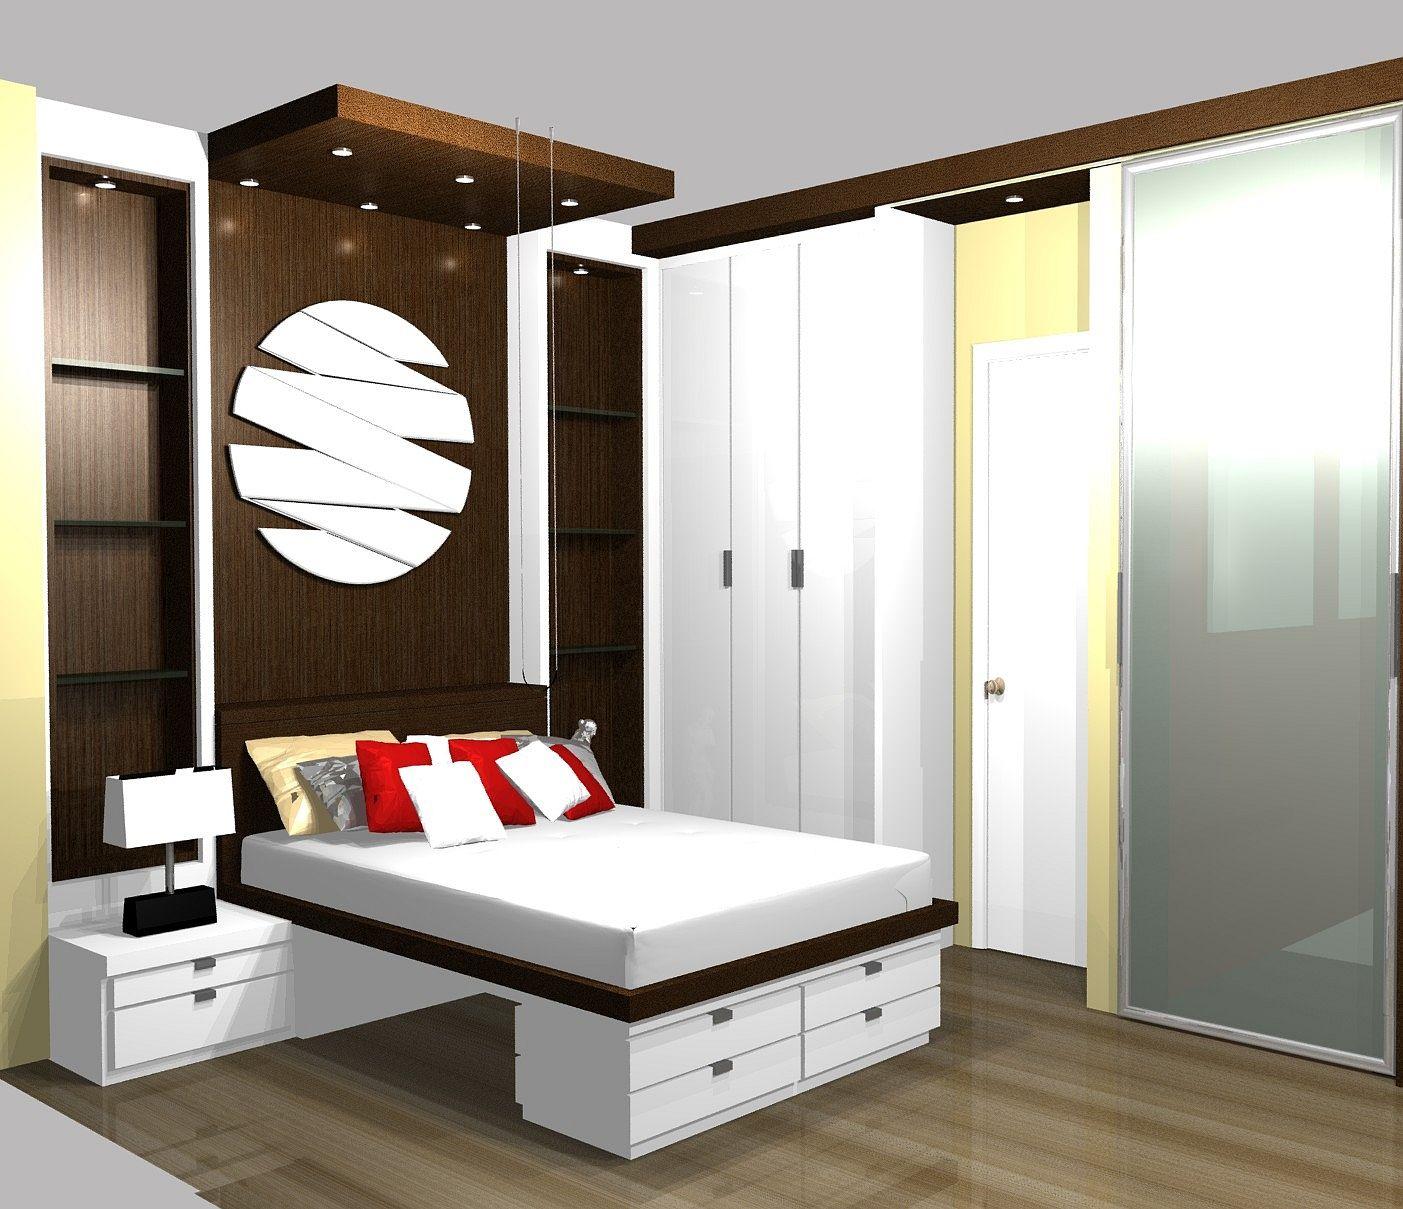 Lighted Closet Bar Moderna Vidro Apartamento Espelho Cama  ~ Quarto De Casal Grande Com Closet